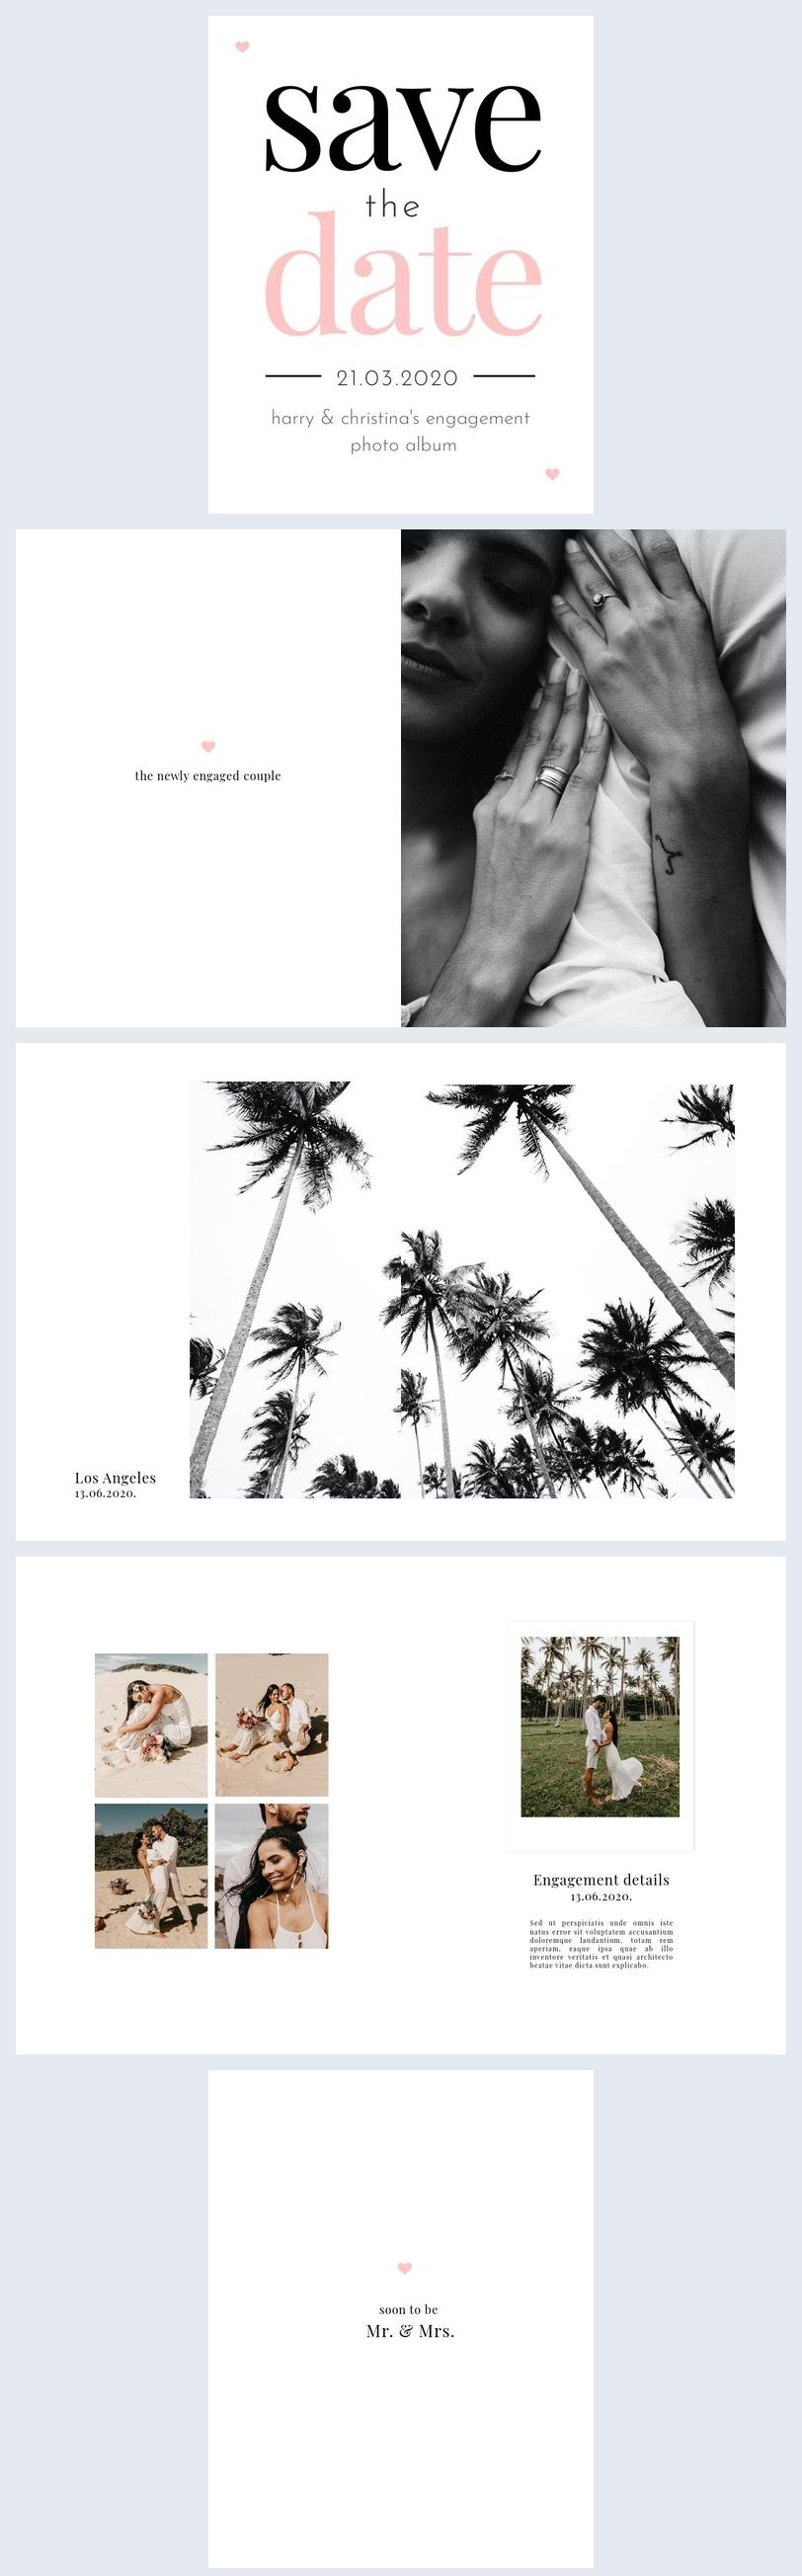 Exemple et modèle de design d'album photo de fiançailles